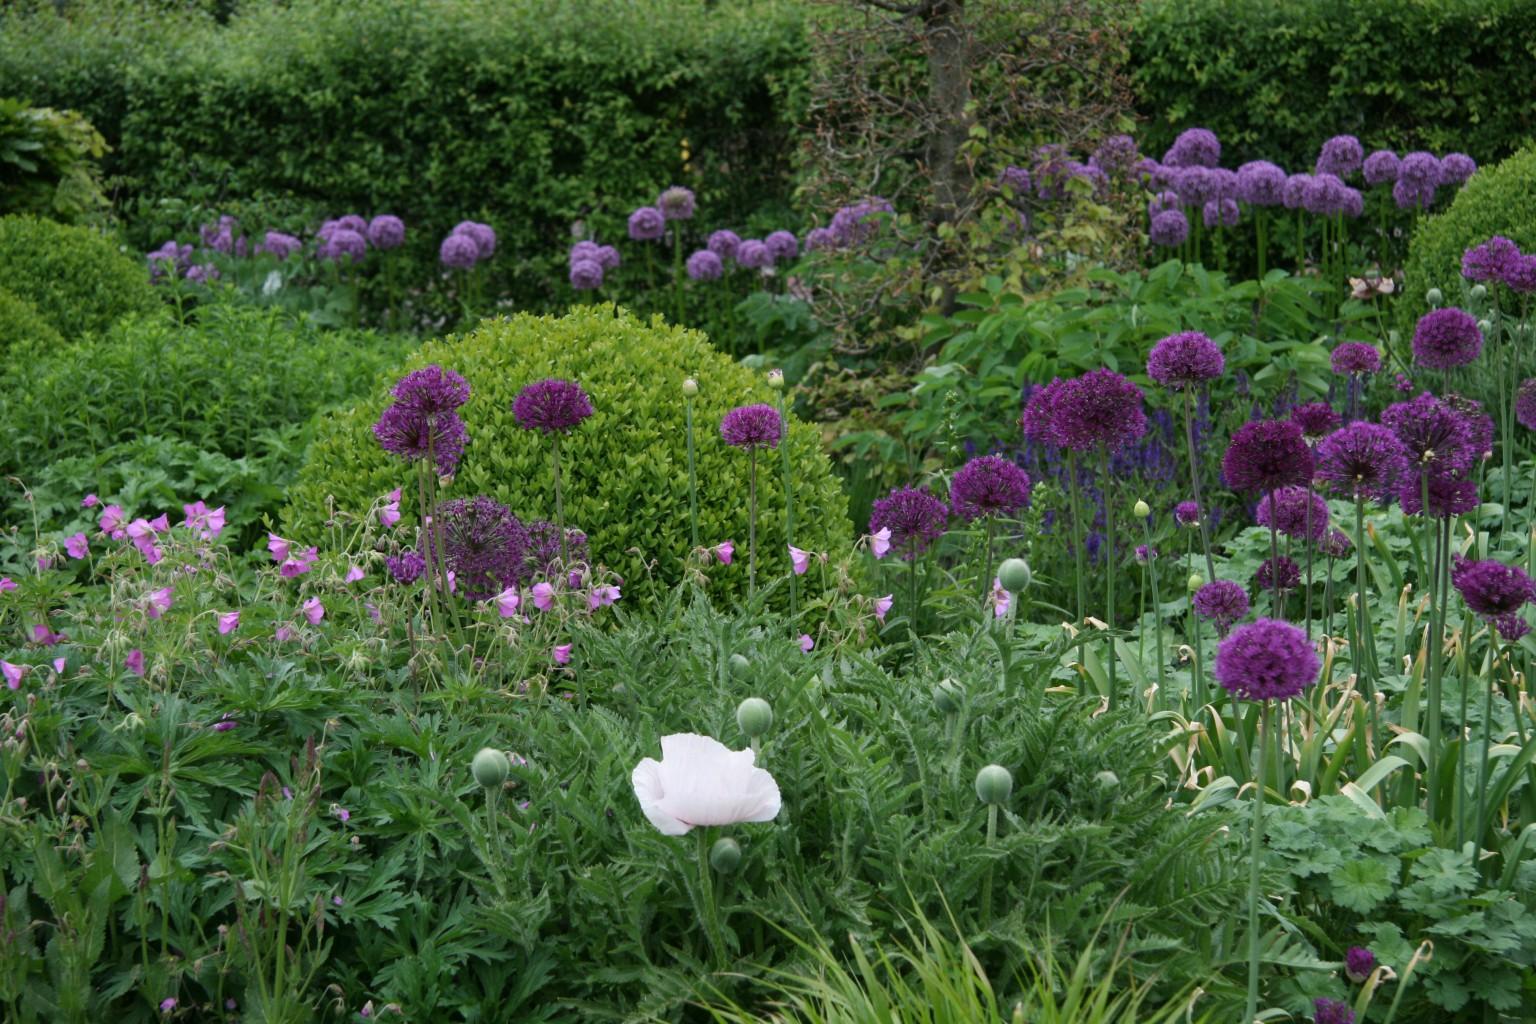 Verrassend Vaste planten borders op kleur - Kijktuinen Nunspeet ZX-17